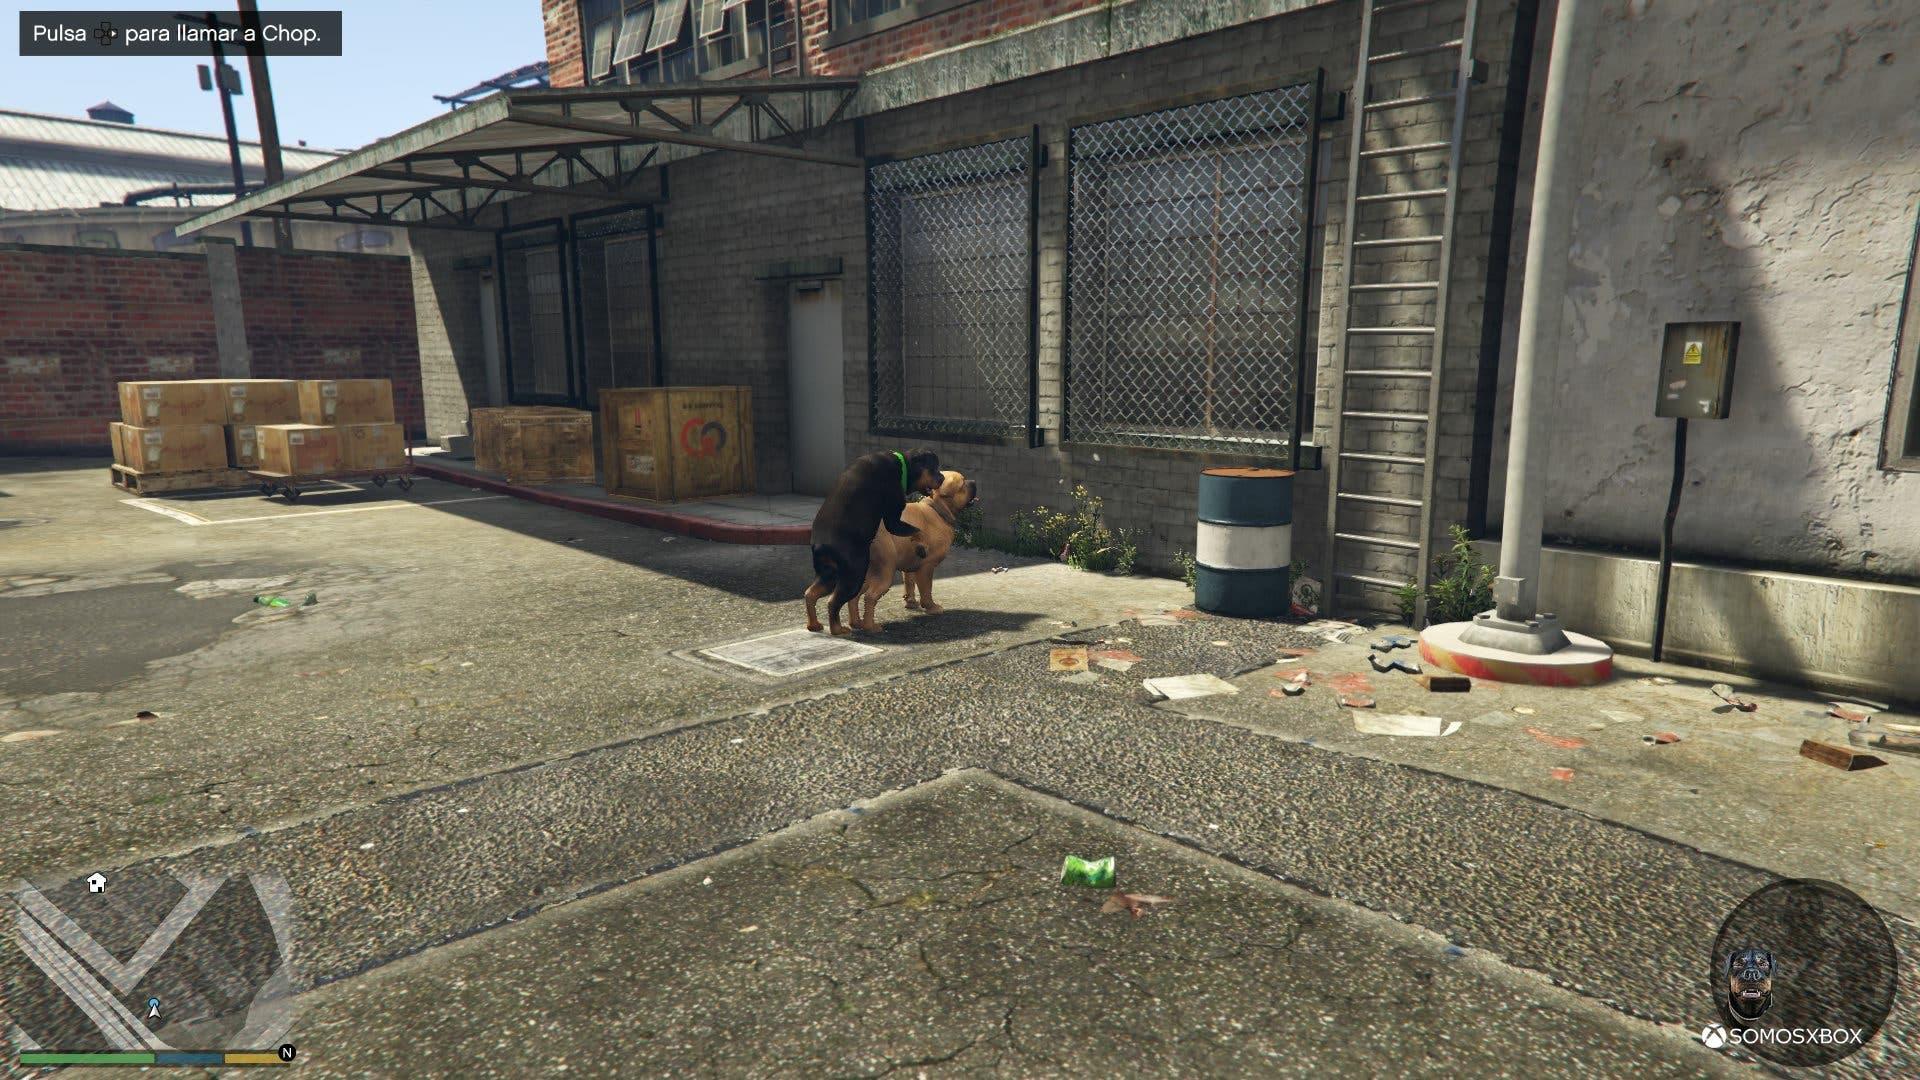 Análisis de Grand Theft Auto V 6